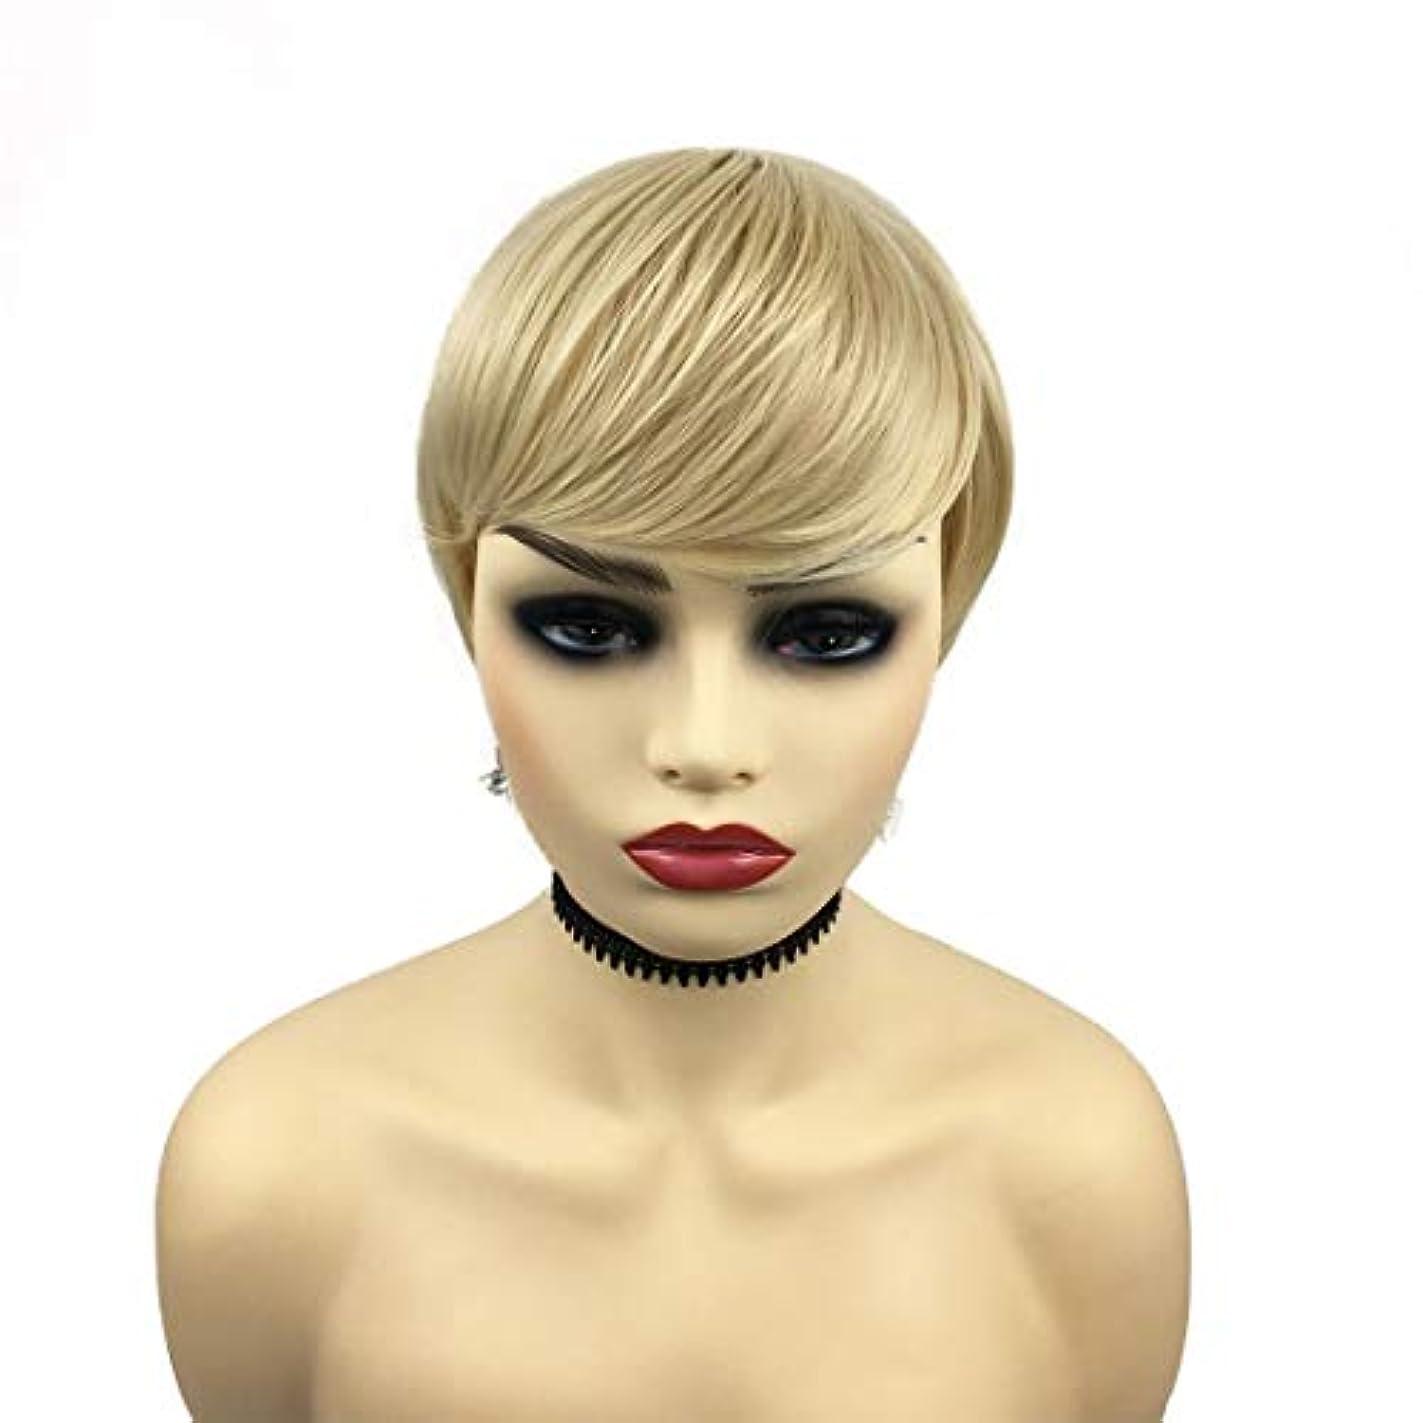 お祝い説明する歯科のYOUQIU 女性の耐熱ウィッグナチュラルヘアウィッグのための金髪ショート傾斜部髪ストレート天然、合成ストレートウィッグ (色 : Blonde)